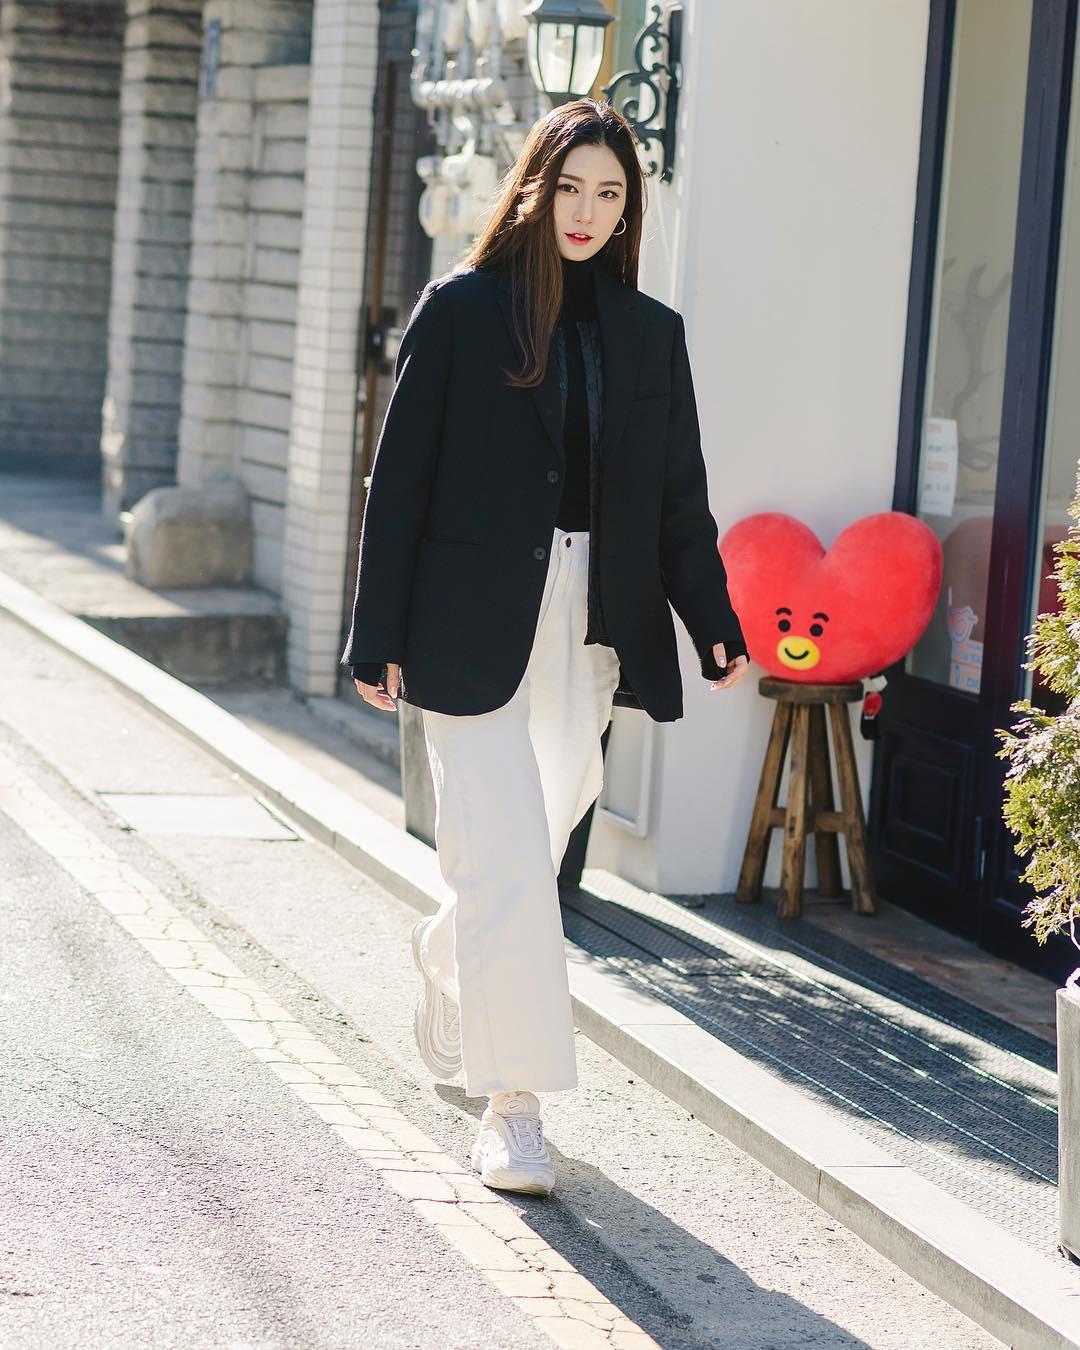 Mê phong cách đơn giản, bụi bặm hay chanh xả, bạn cũng sẽ bỏ túi được cả rổ gợi ý từ street style tuần qua của giới trẻ Hàn - Ảnh 1.